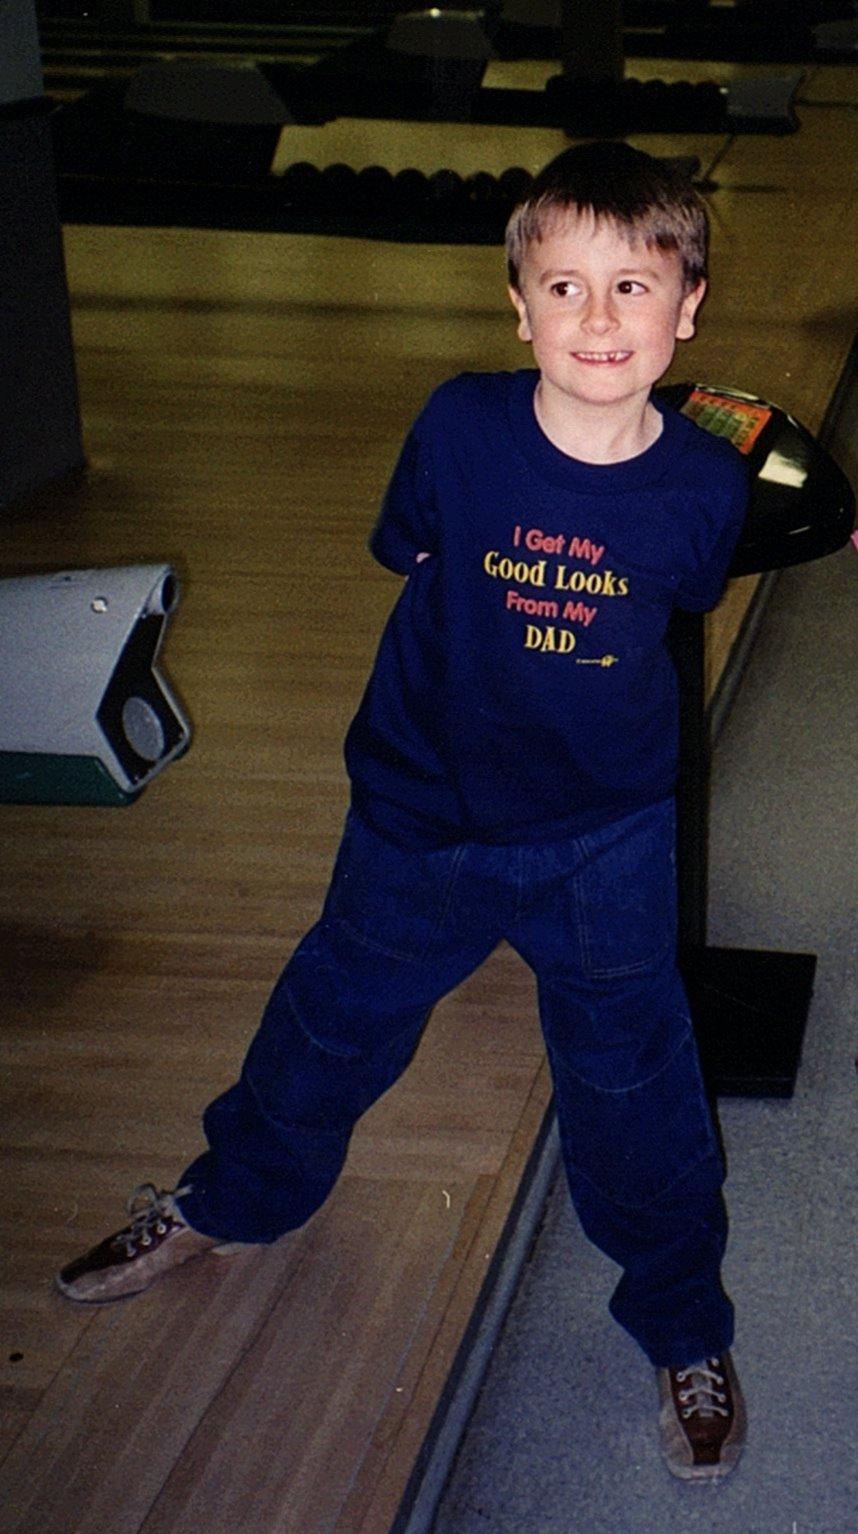 March 9, 2002 (Bonnie Doon Bowling)